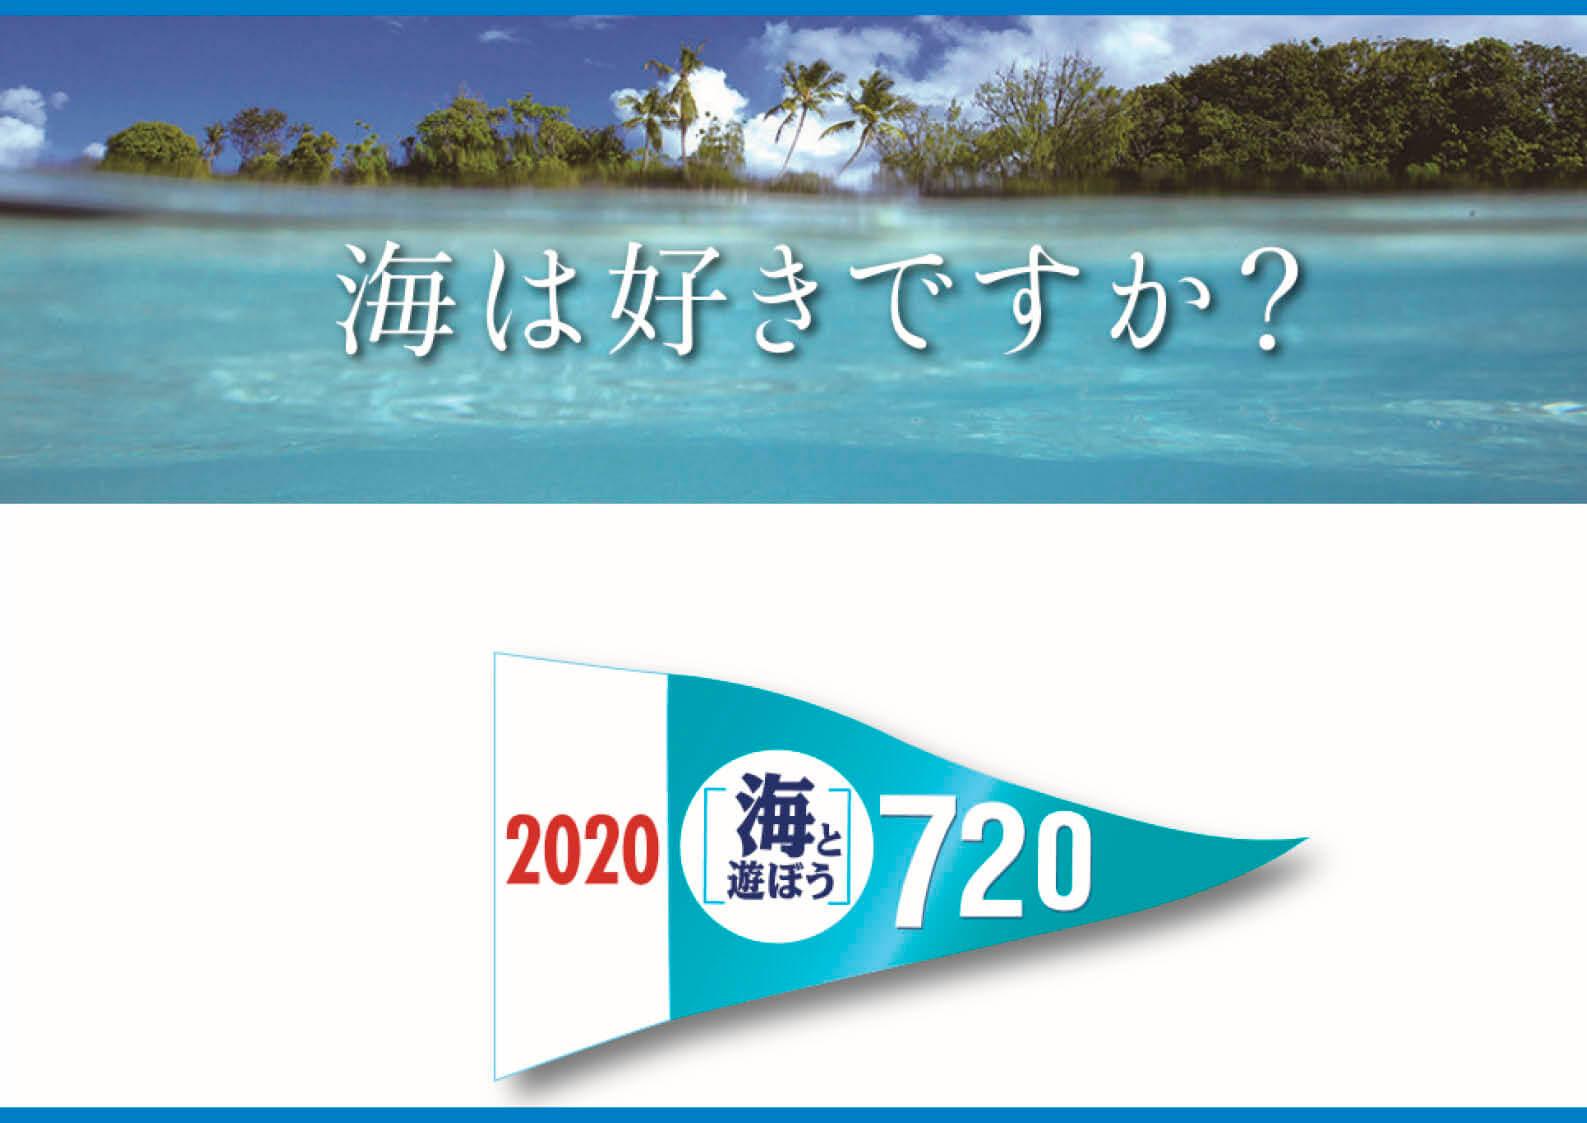 【中古艇】来て、見て、納得して買える 湘南合同PWCフェア、3月に開催されます